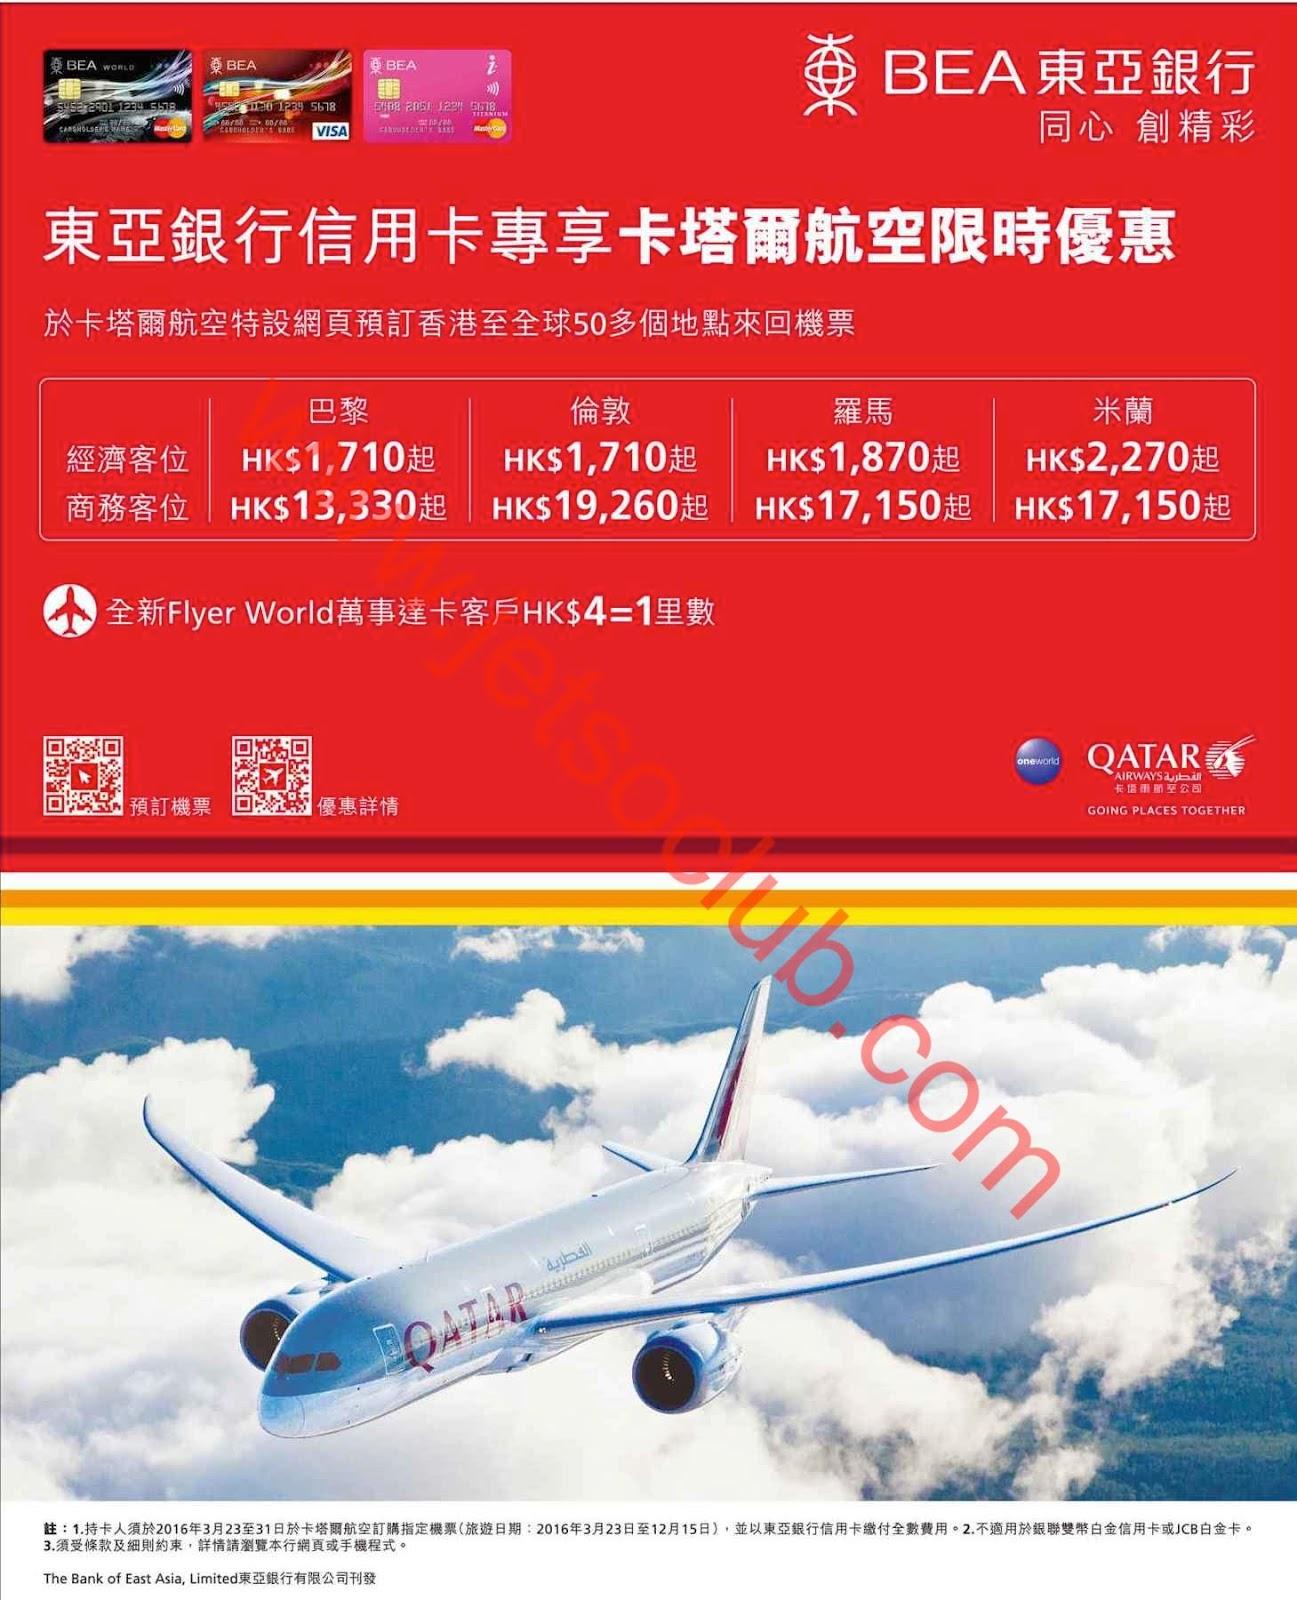 東亞信用卡:卡塔爾航空 限時機票優惠(訂購:23-31/3) ( Jetso Club 著數俱樂部 )